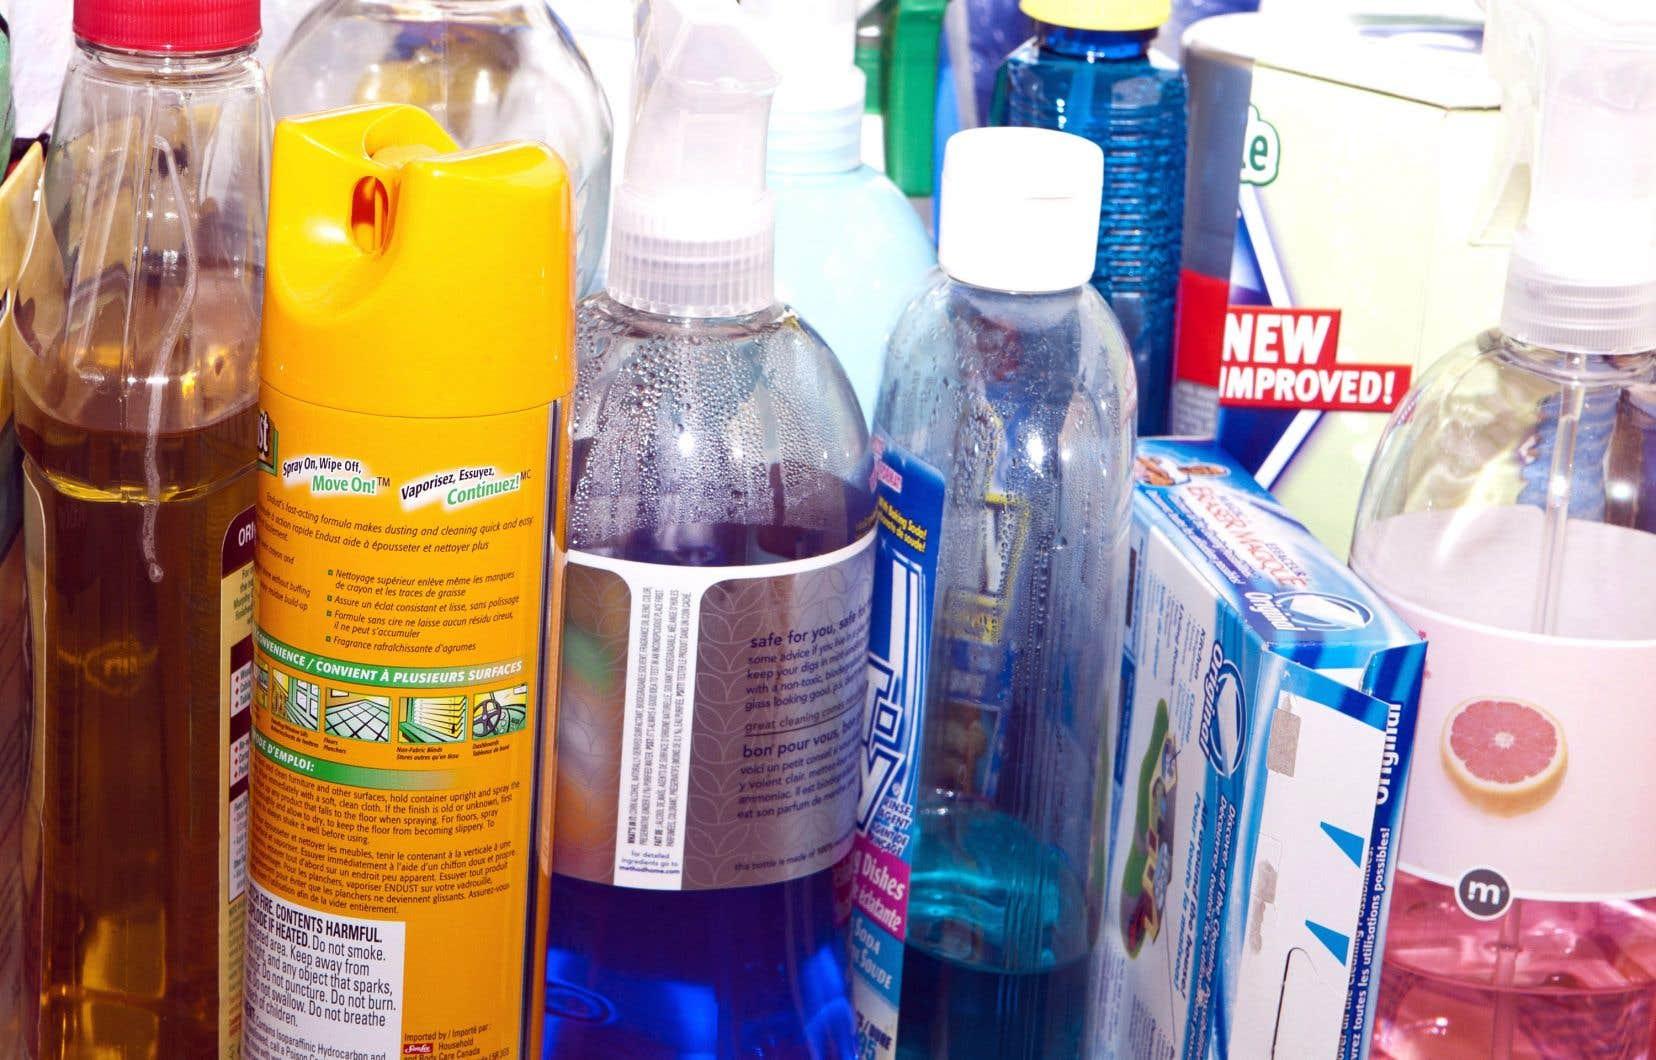 «On utilise souvent des produits pour soi-disant purifier l'air, mais on ne purifie pas l'air, on ne fait que masquer les odeurs. Une bougie qui sent bon n'élimine pas les polluants, ne renouvelle pas l'air, elle ne fait que masquer une odeur et générer des polluants, des COV qui réagissent avec l'ozone et les radicaux hydroxyles», explique Sasho Gligorovski, de l'Académie chinoise des sciences de Guangzhou.